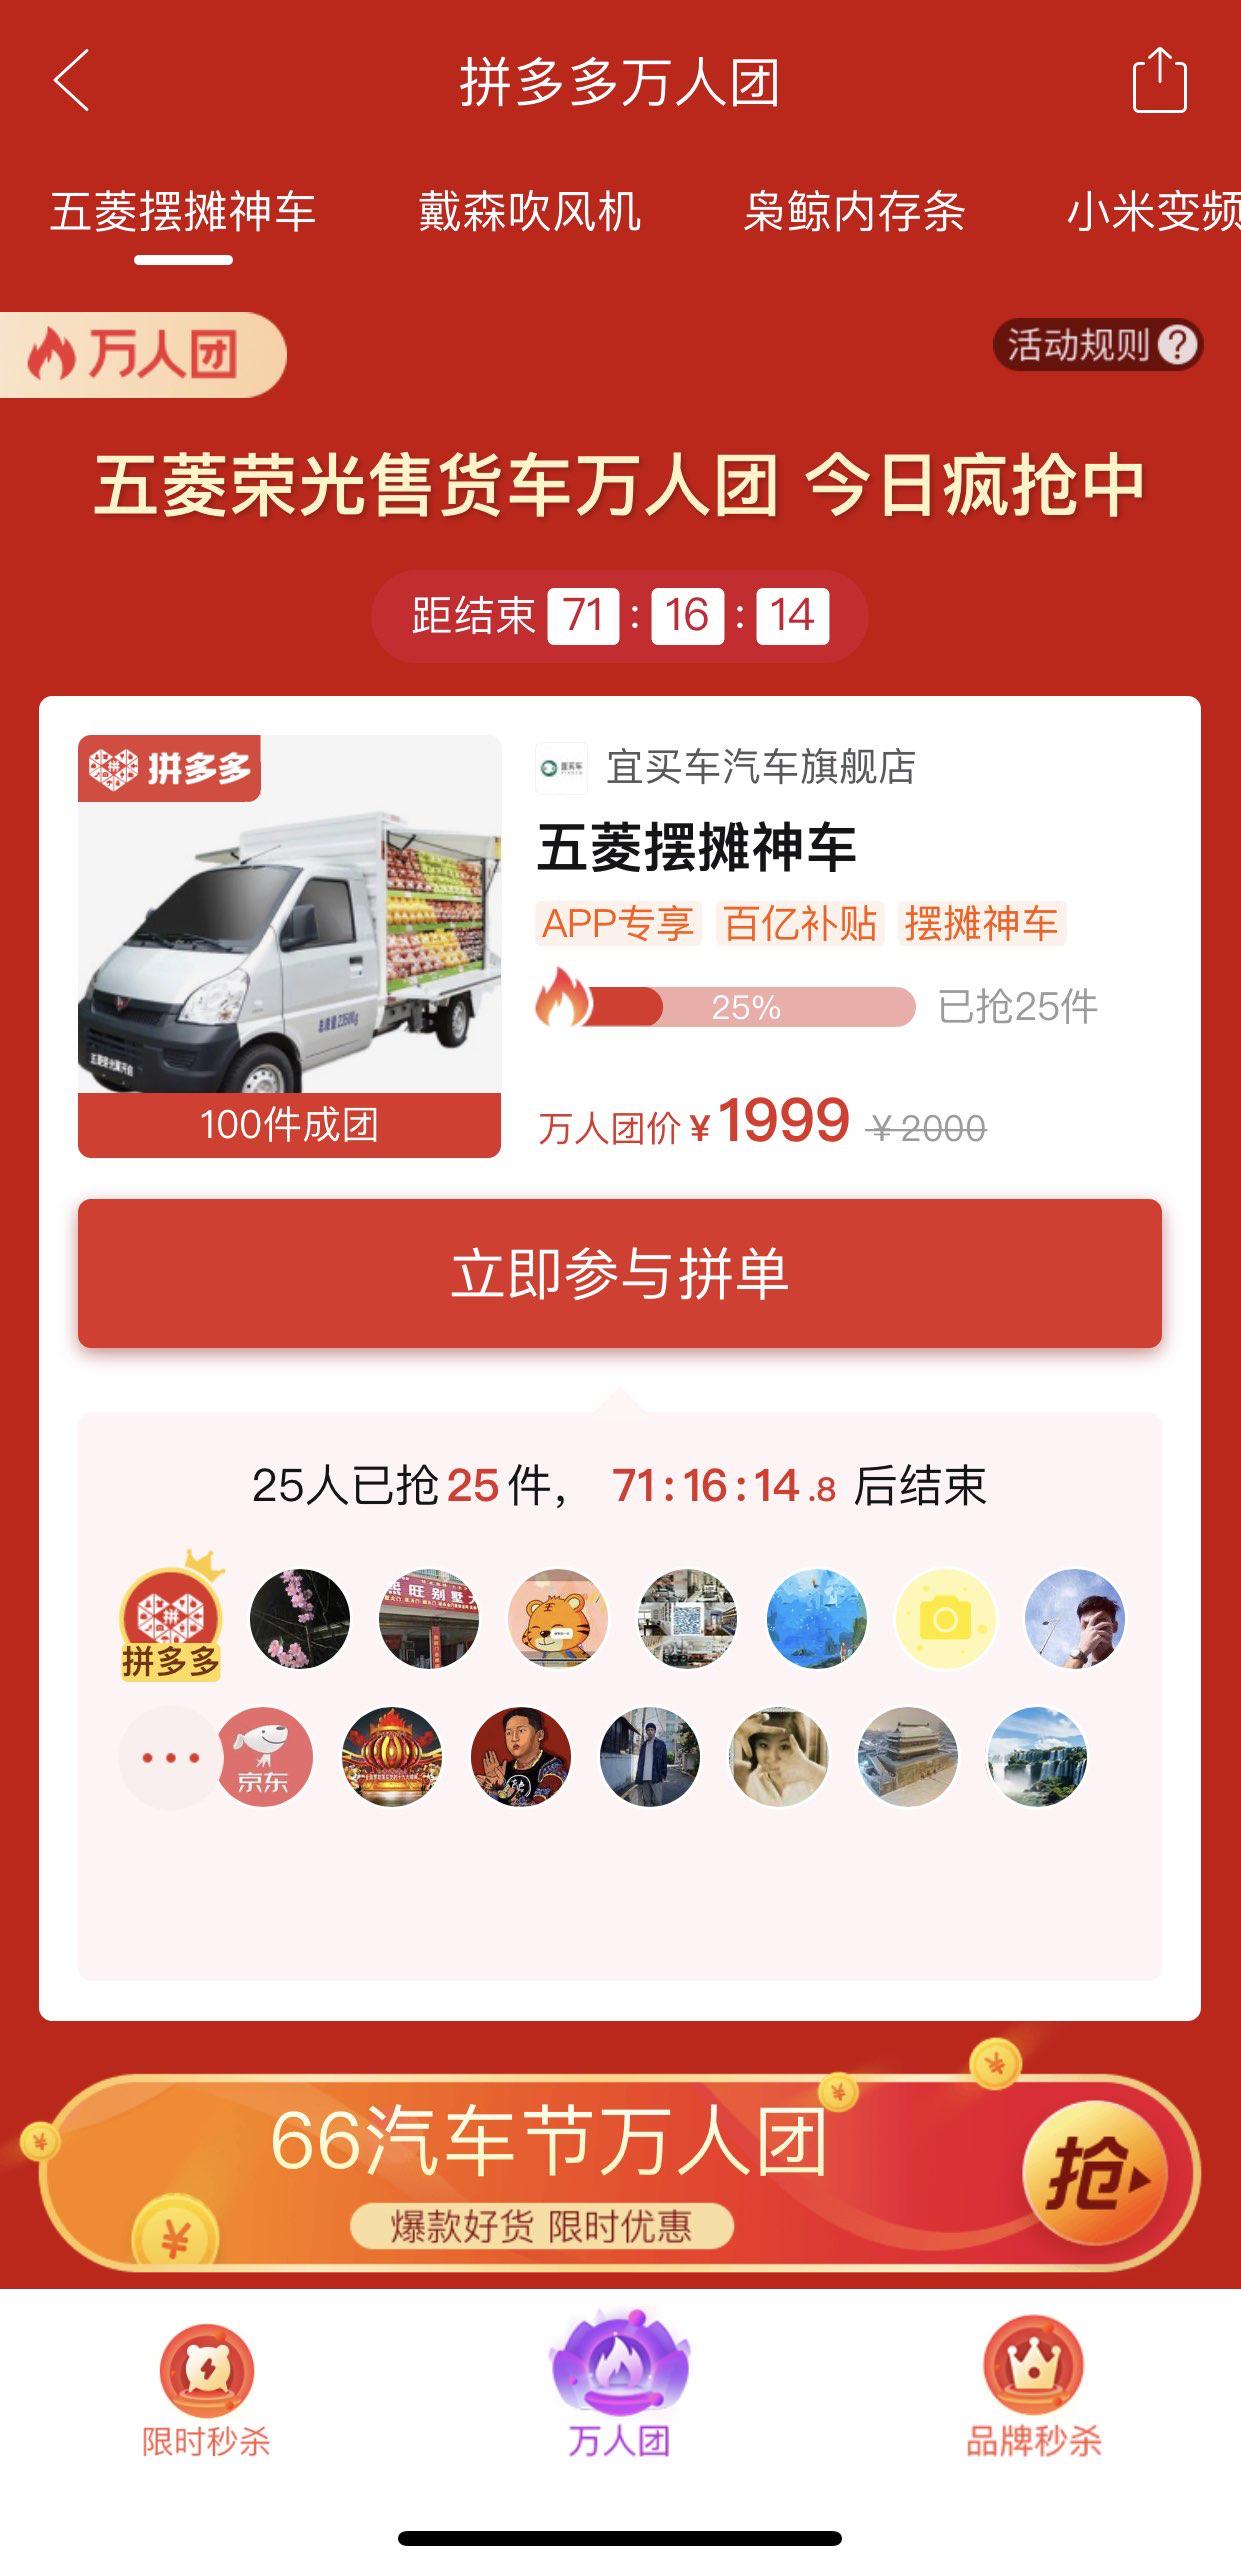 """6月3日晚8点30分,拼众众正式上线""""五菱荣光售货车"""",并为每台车补贴3000元油卡。"""